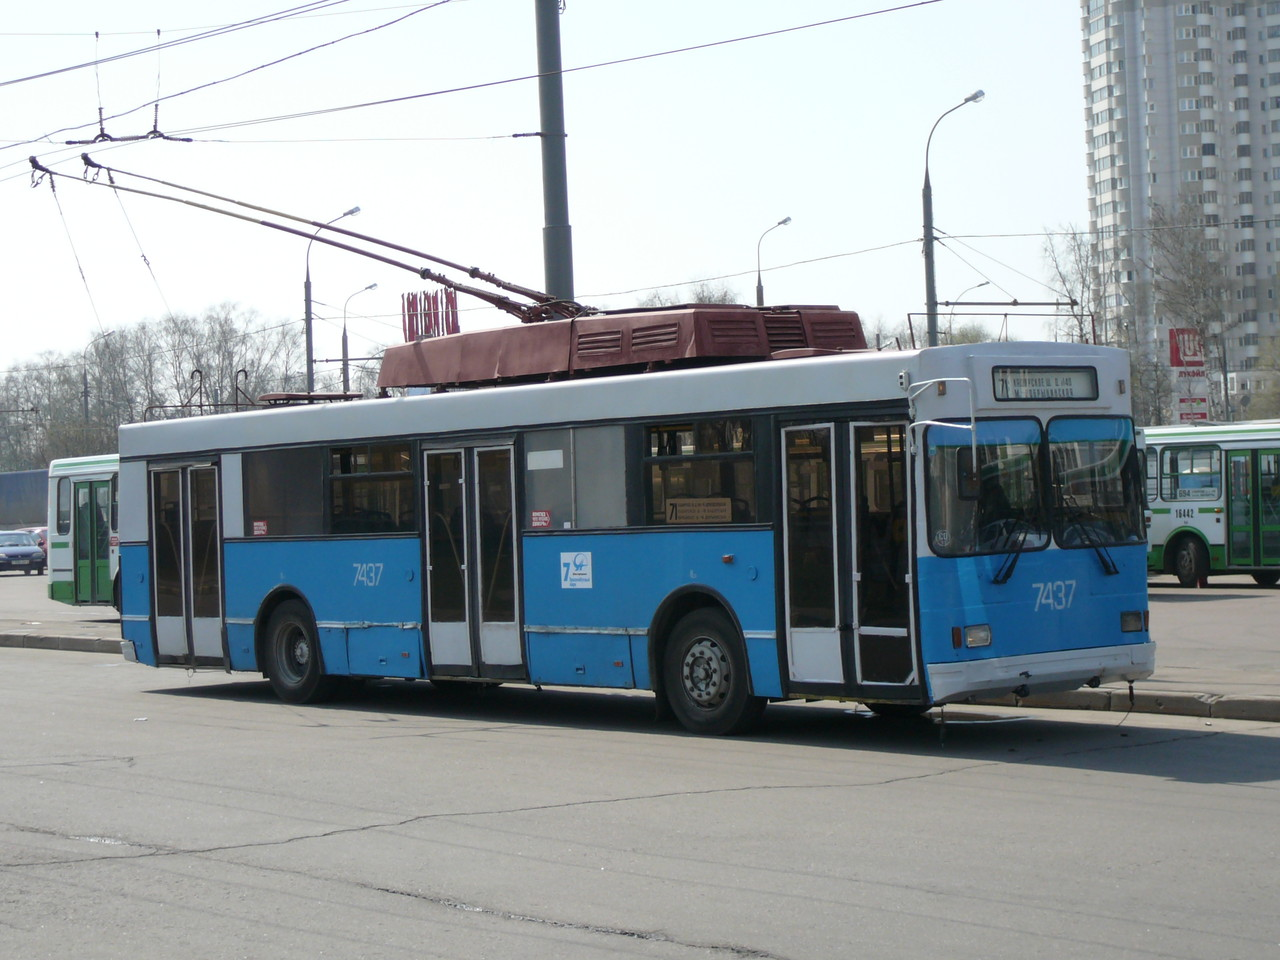 Москва. 29/04/2009